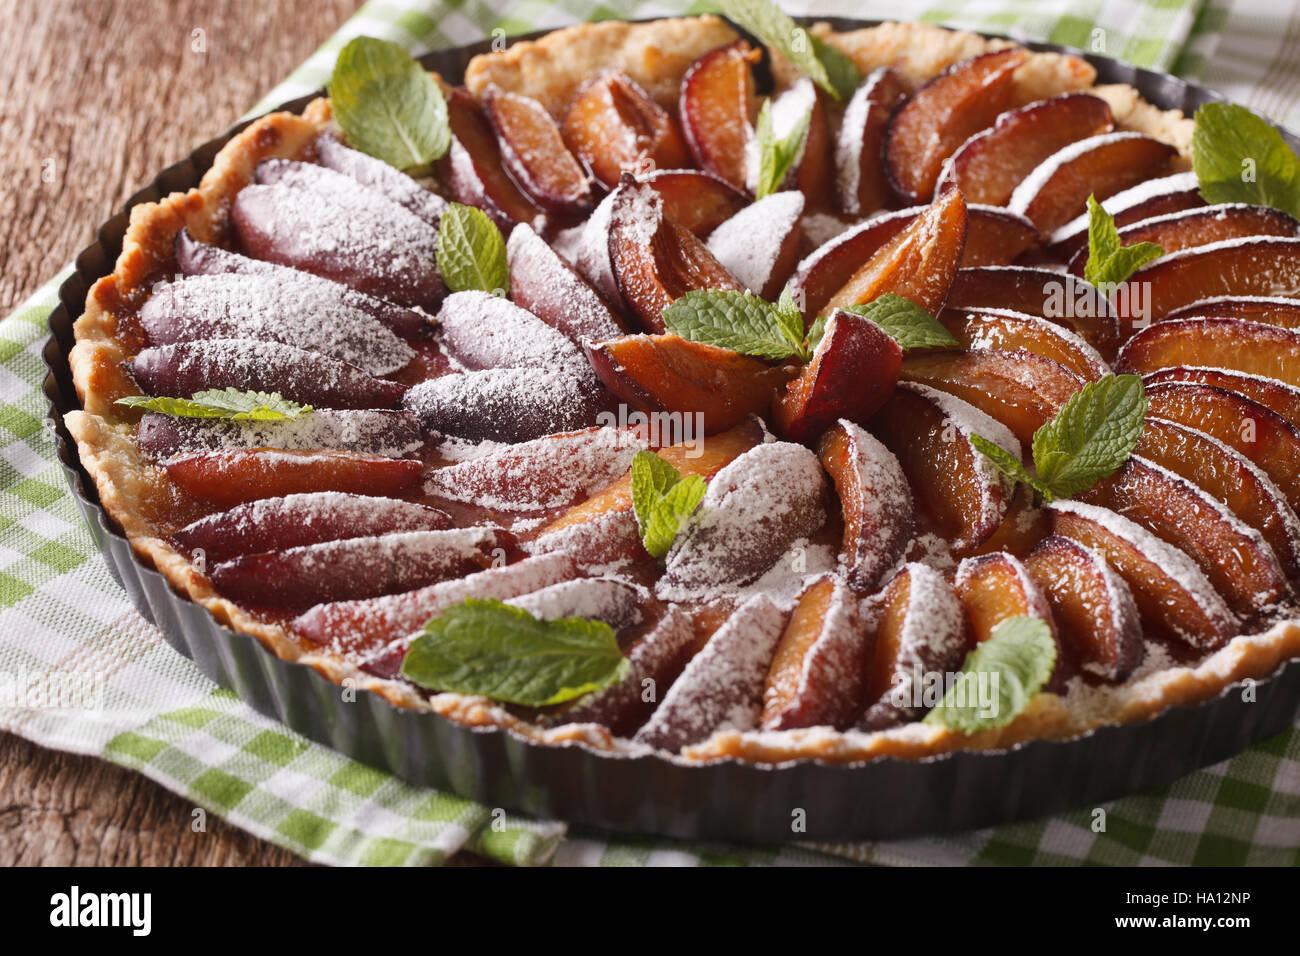 Repostería: tarta de ciruela con menta y azúcar en polvo de cerca en la tabla horizontal. Imagen De Stock